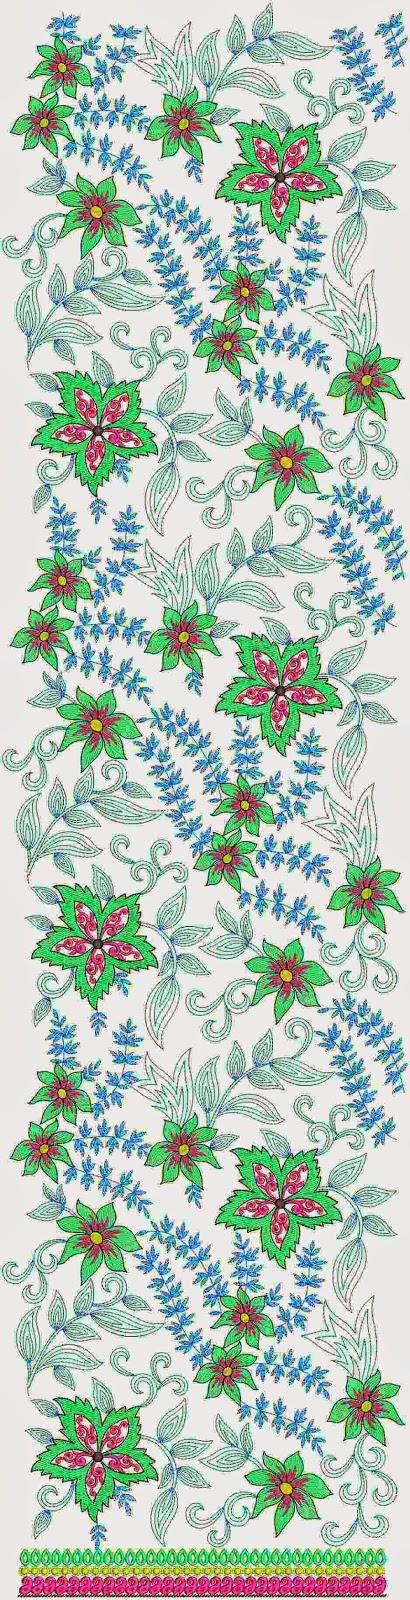 borduurwerk blom patroon Lawn Suit rok